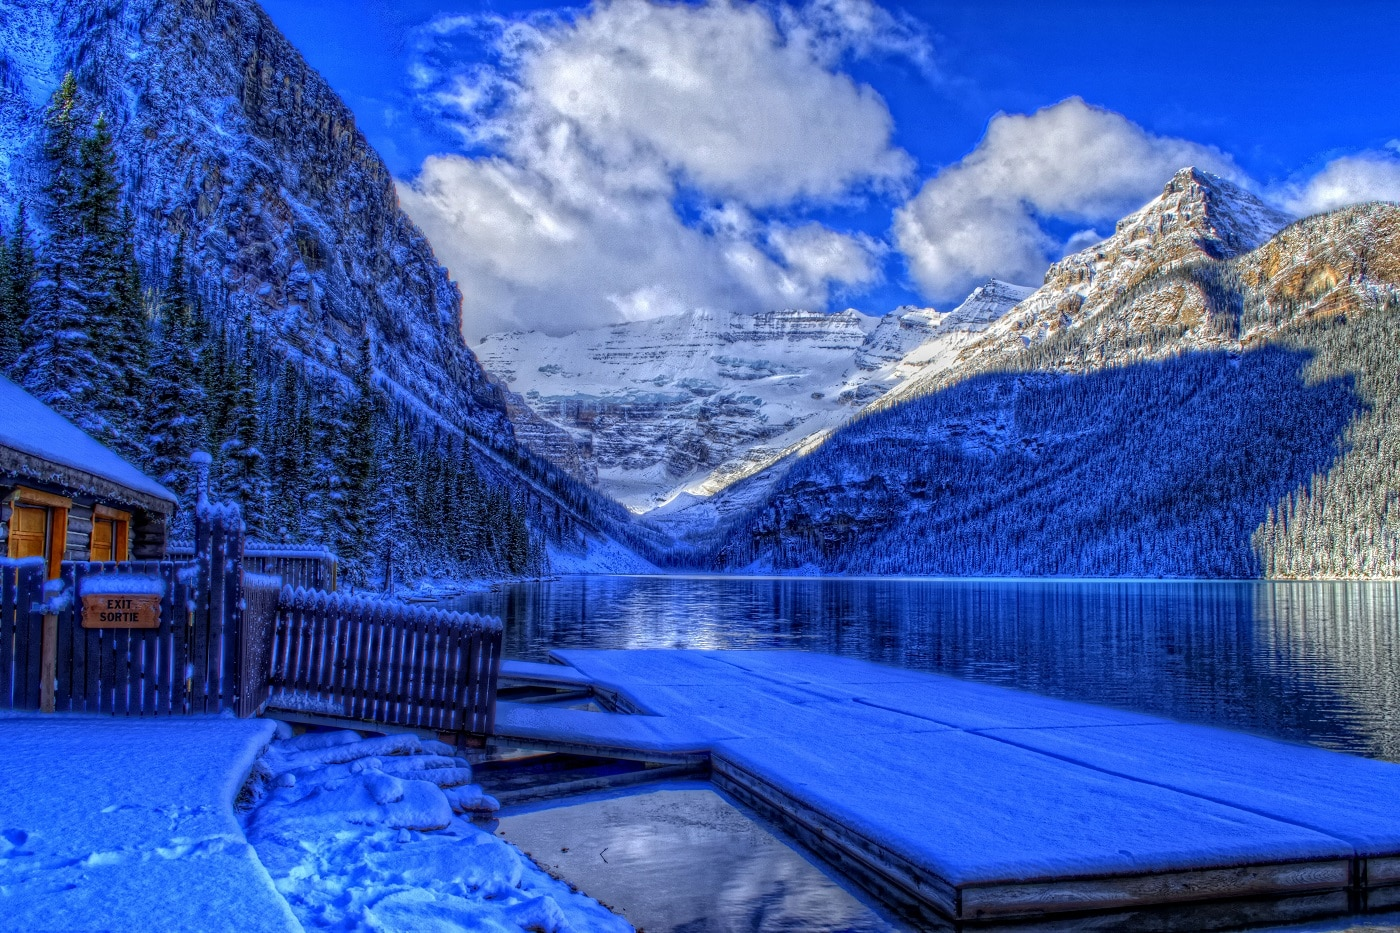 Chiar și în timpul sezonului cald crestele munților sunt acoperite de zăpadă